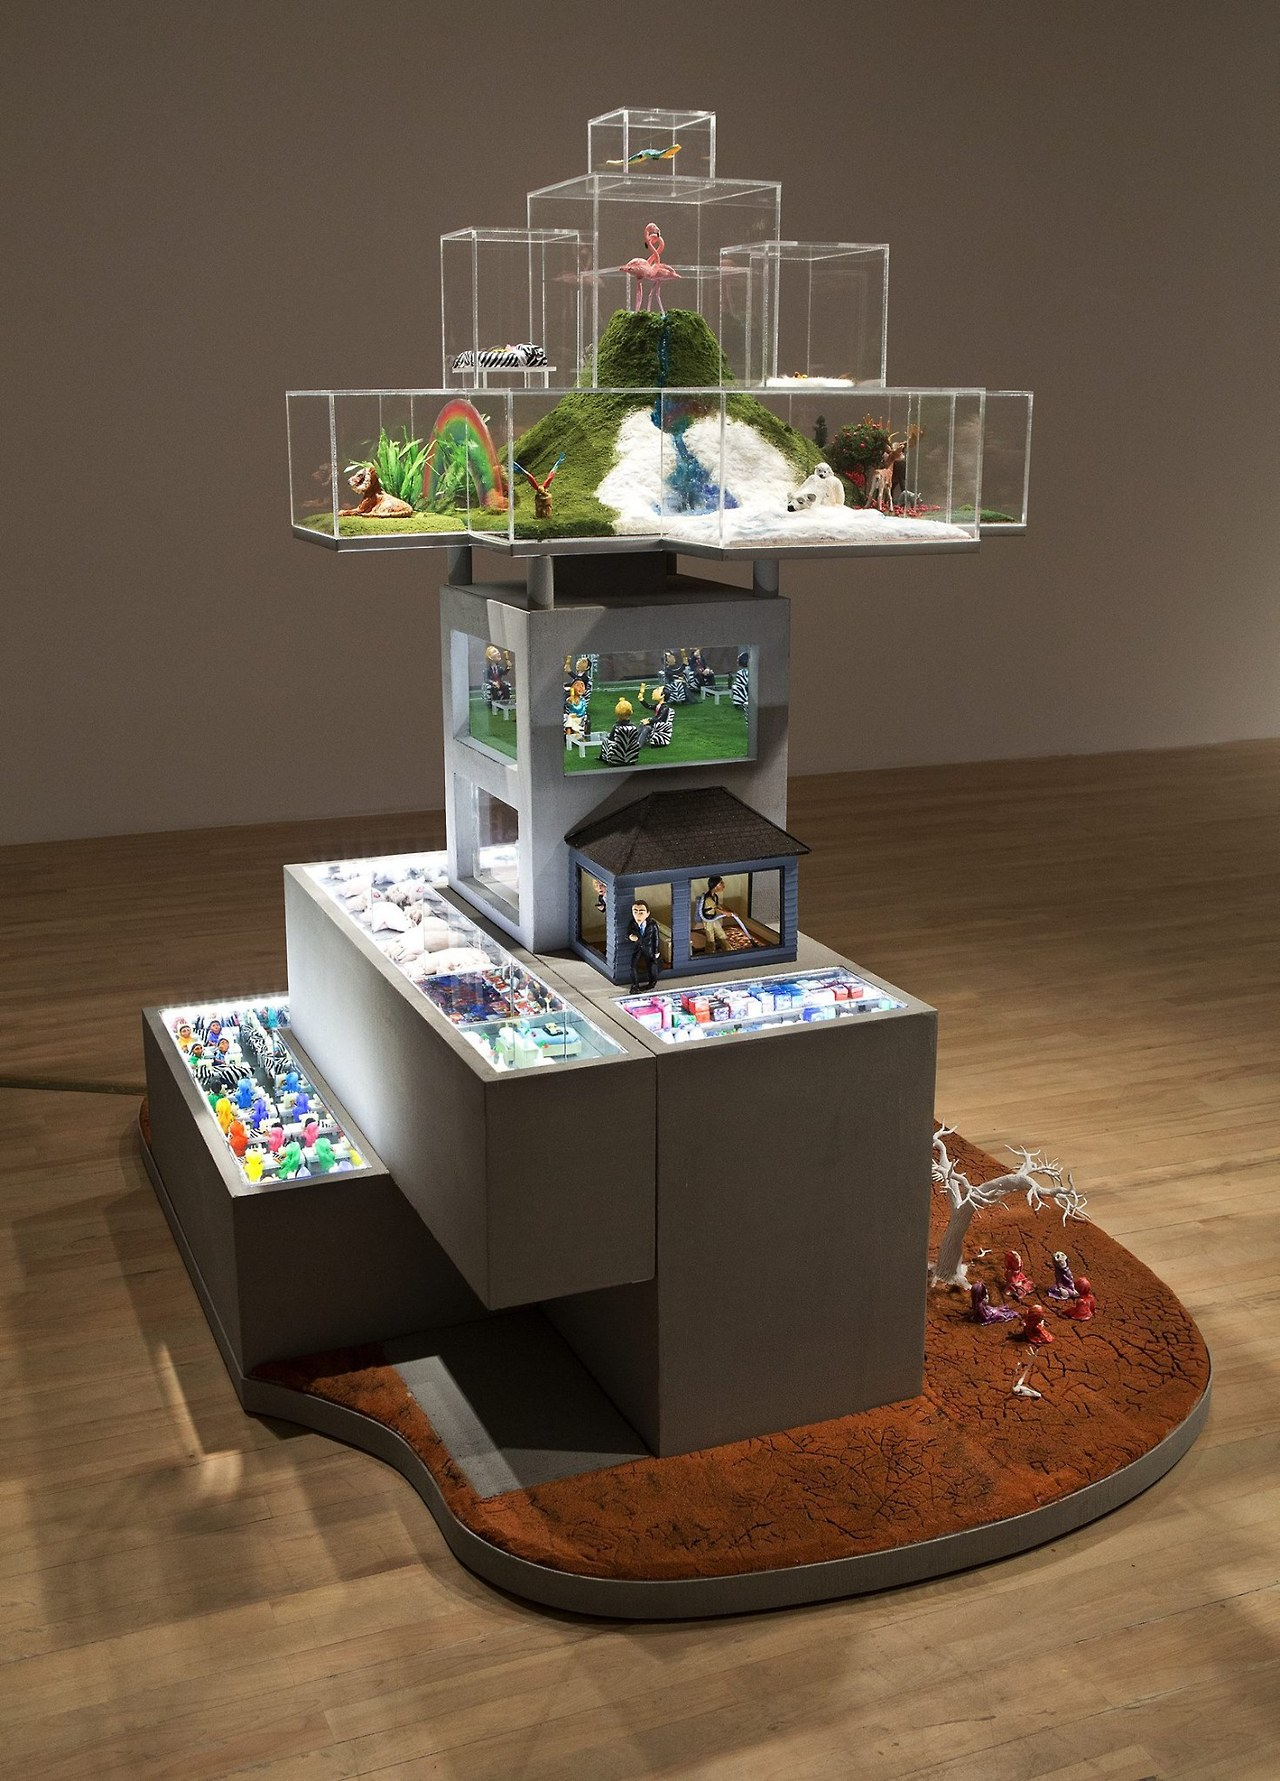 HYPERland 0-1 - HYPERland - Sculpture Installation by Karine Giboulo